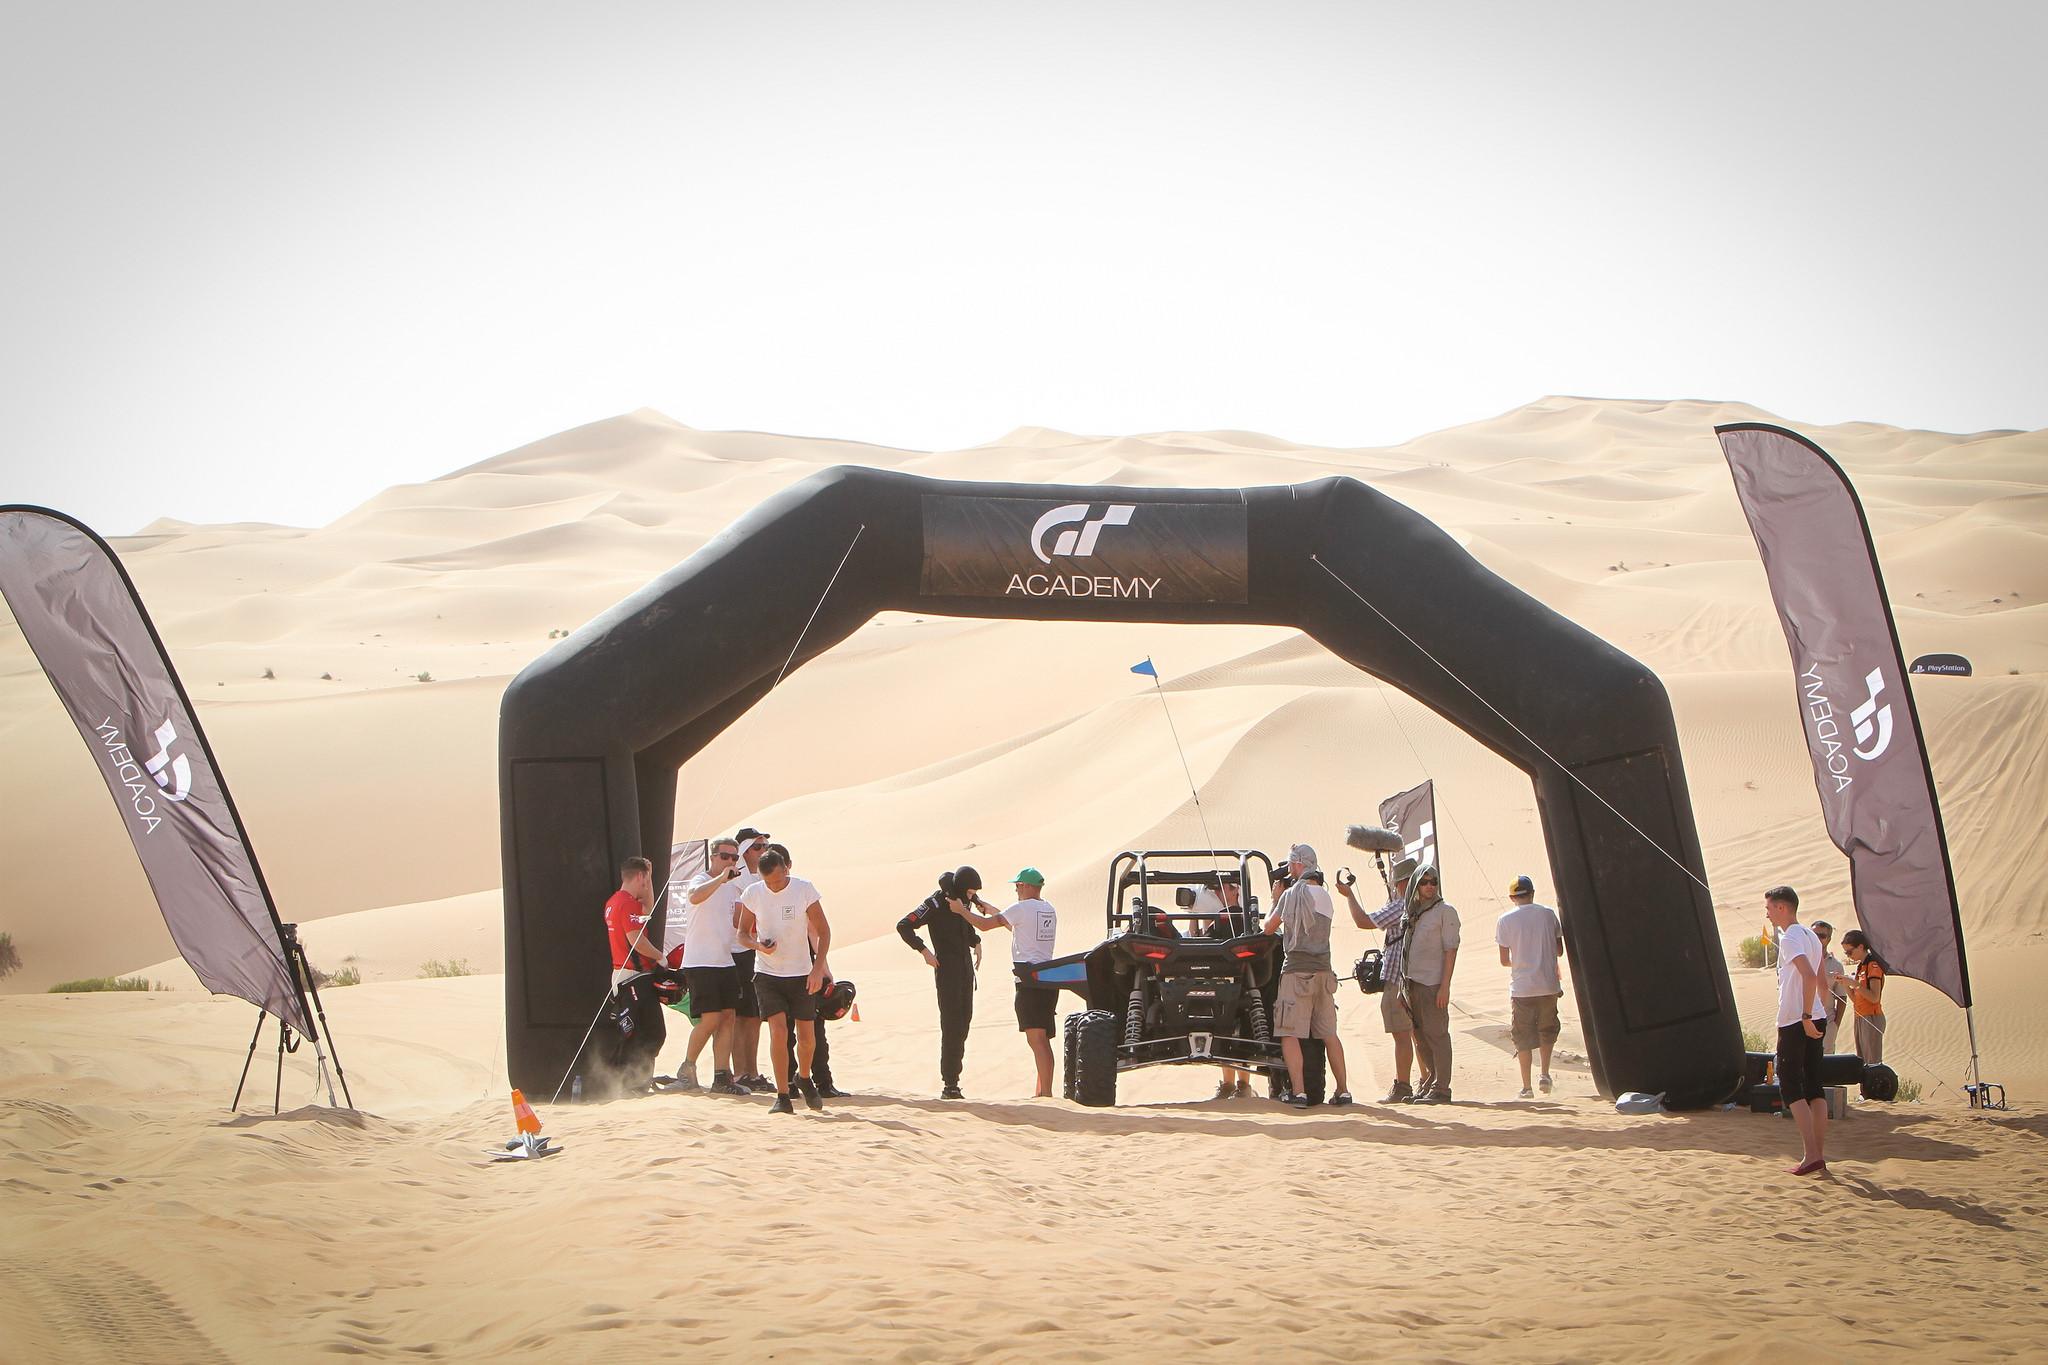 desert abu dhabi Nismo Playstation GT Academy 2015 abu dhabi